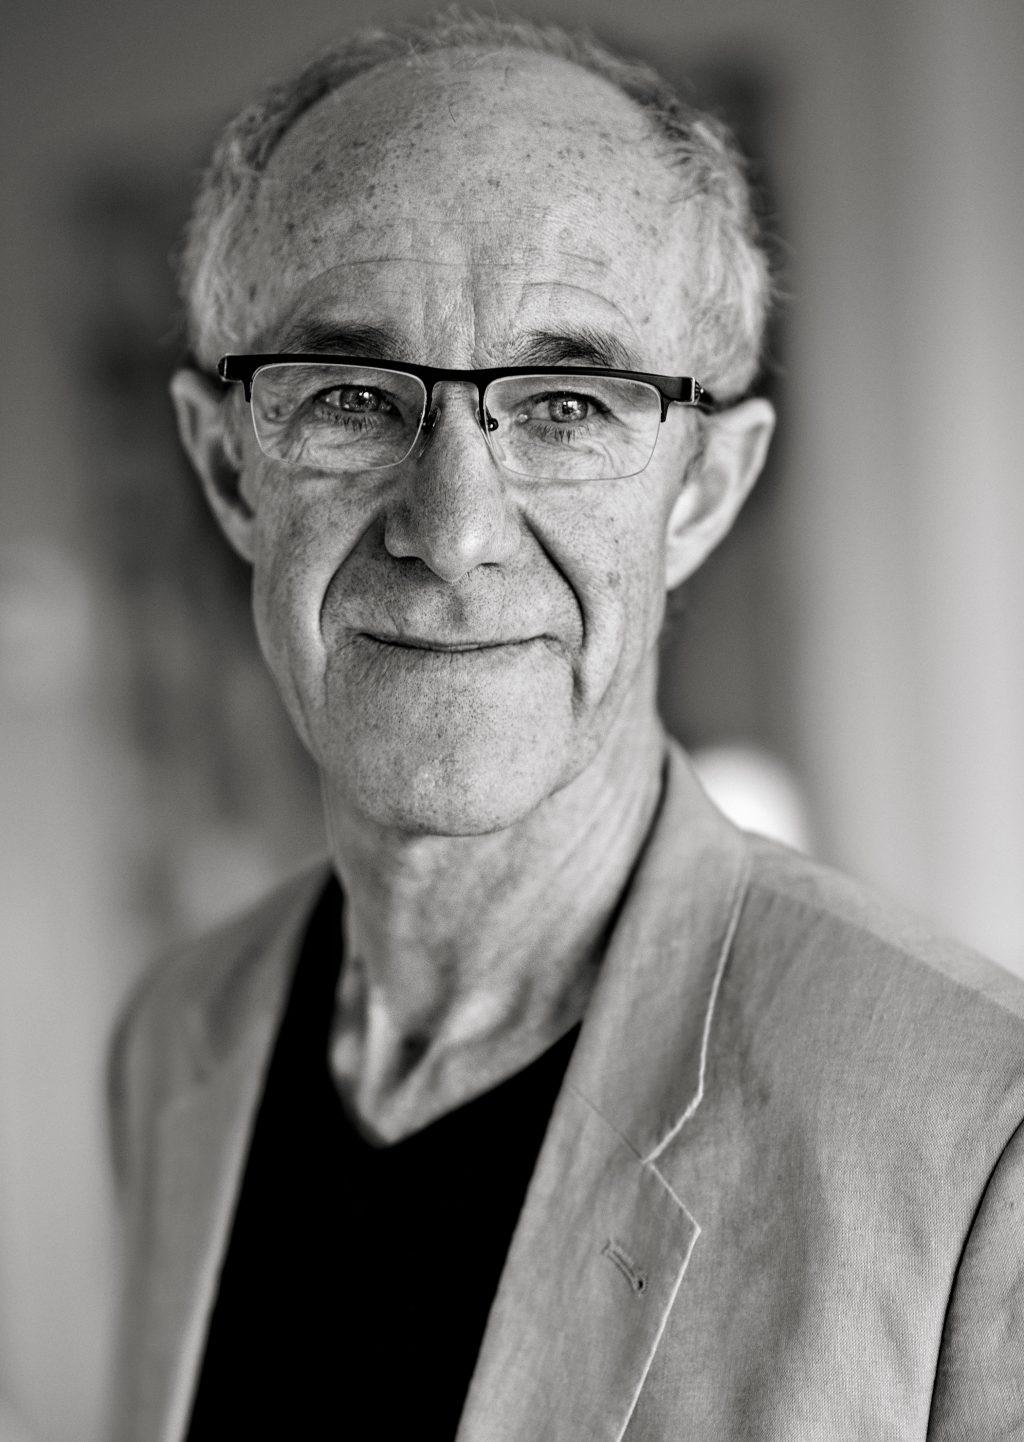 Raymond van het Groenewoud met intieme show naar Grote Kerk in Apeldoorn